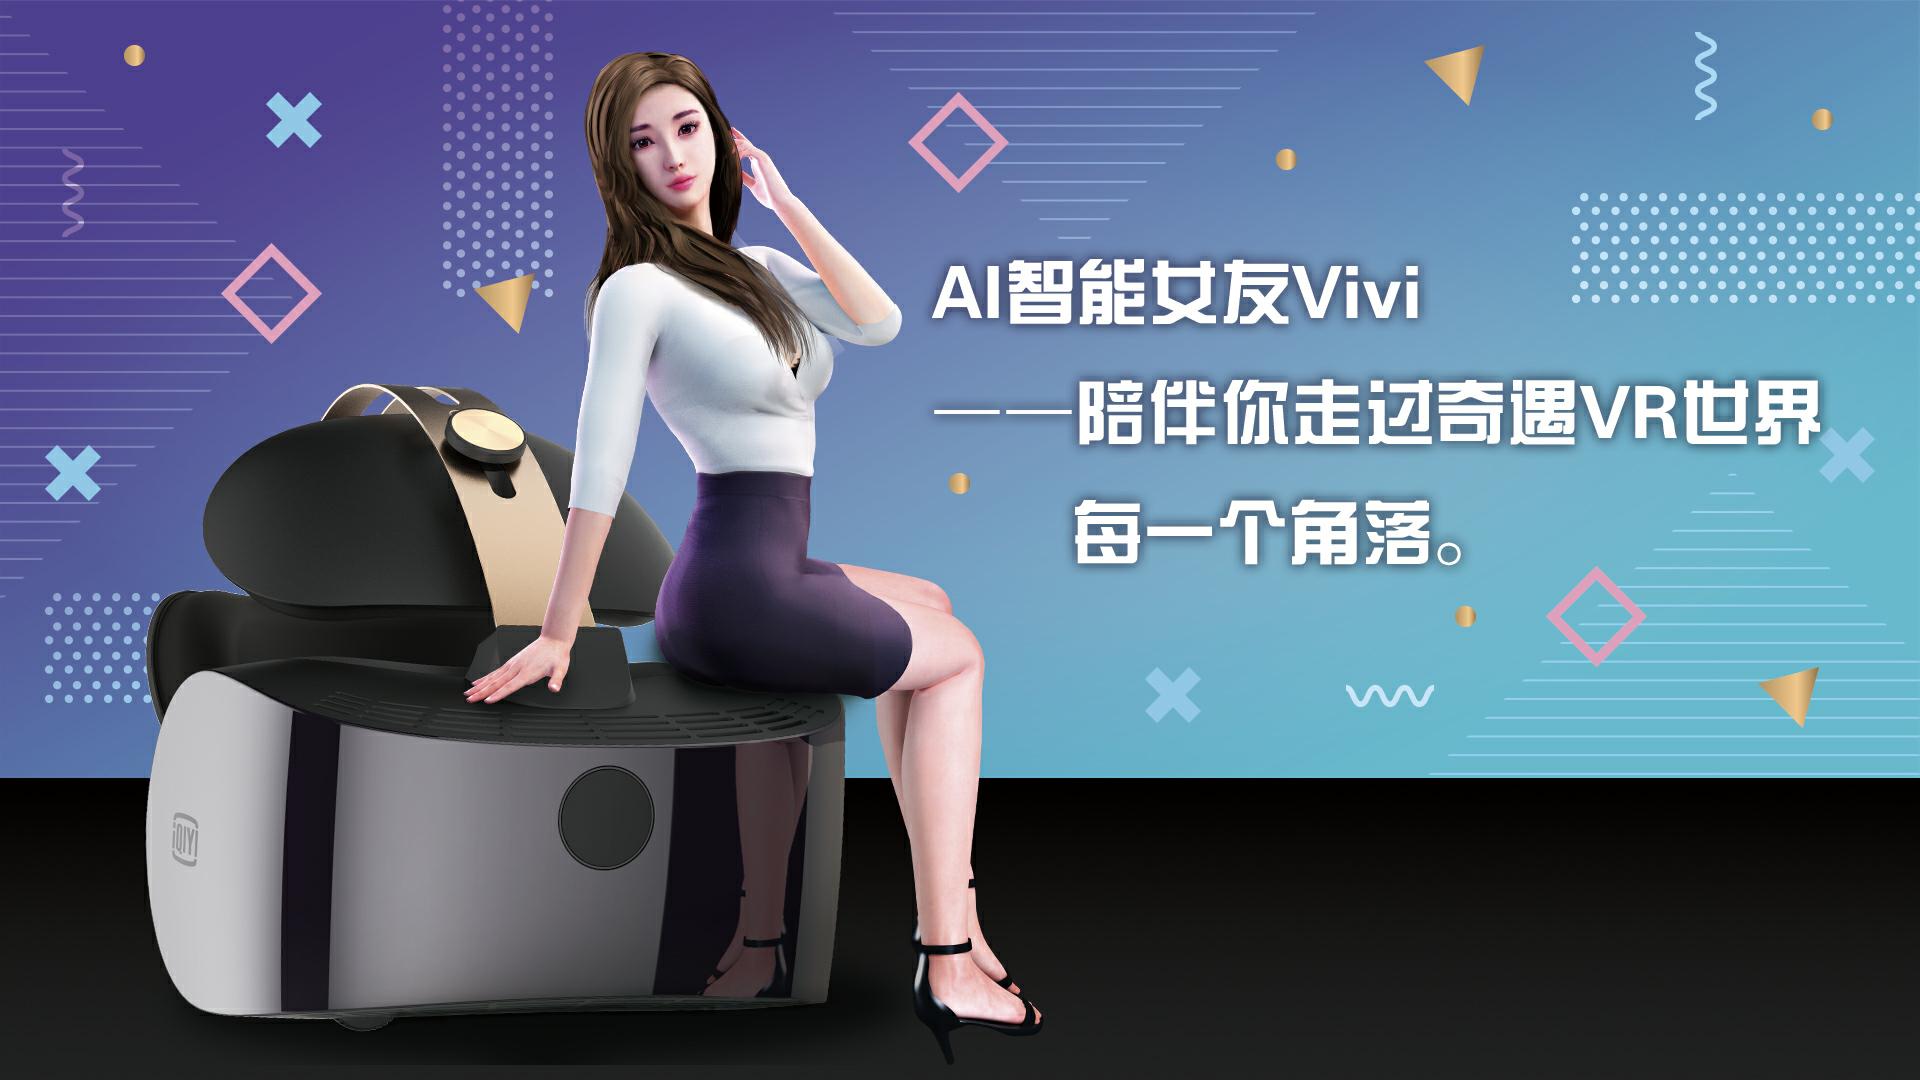 VR新版AI女友